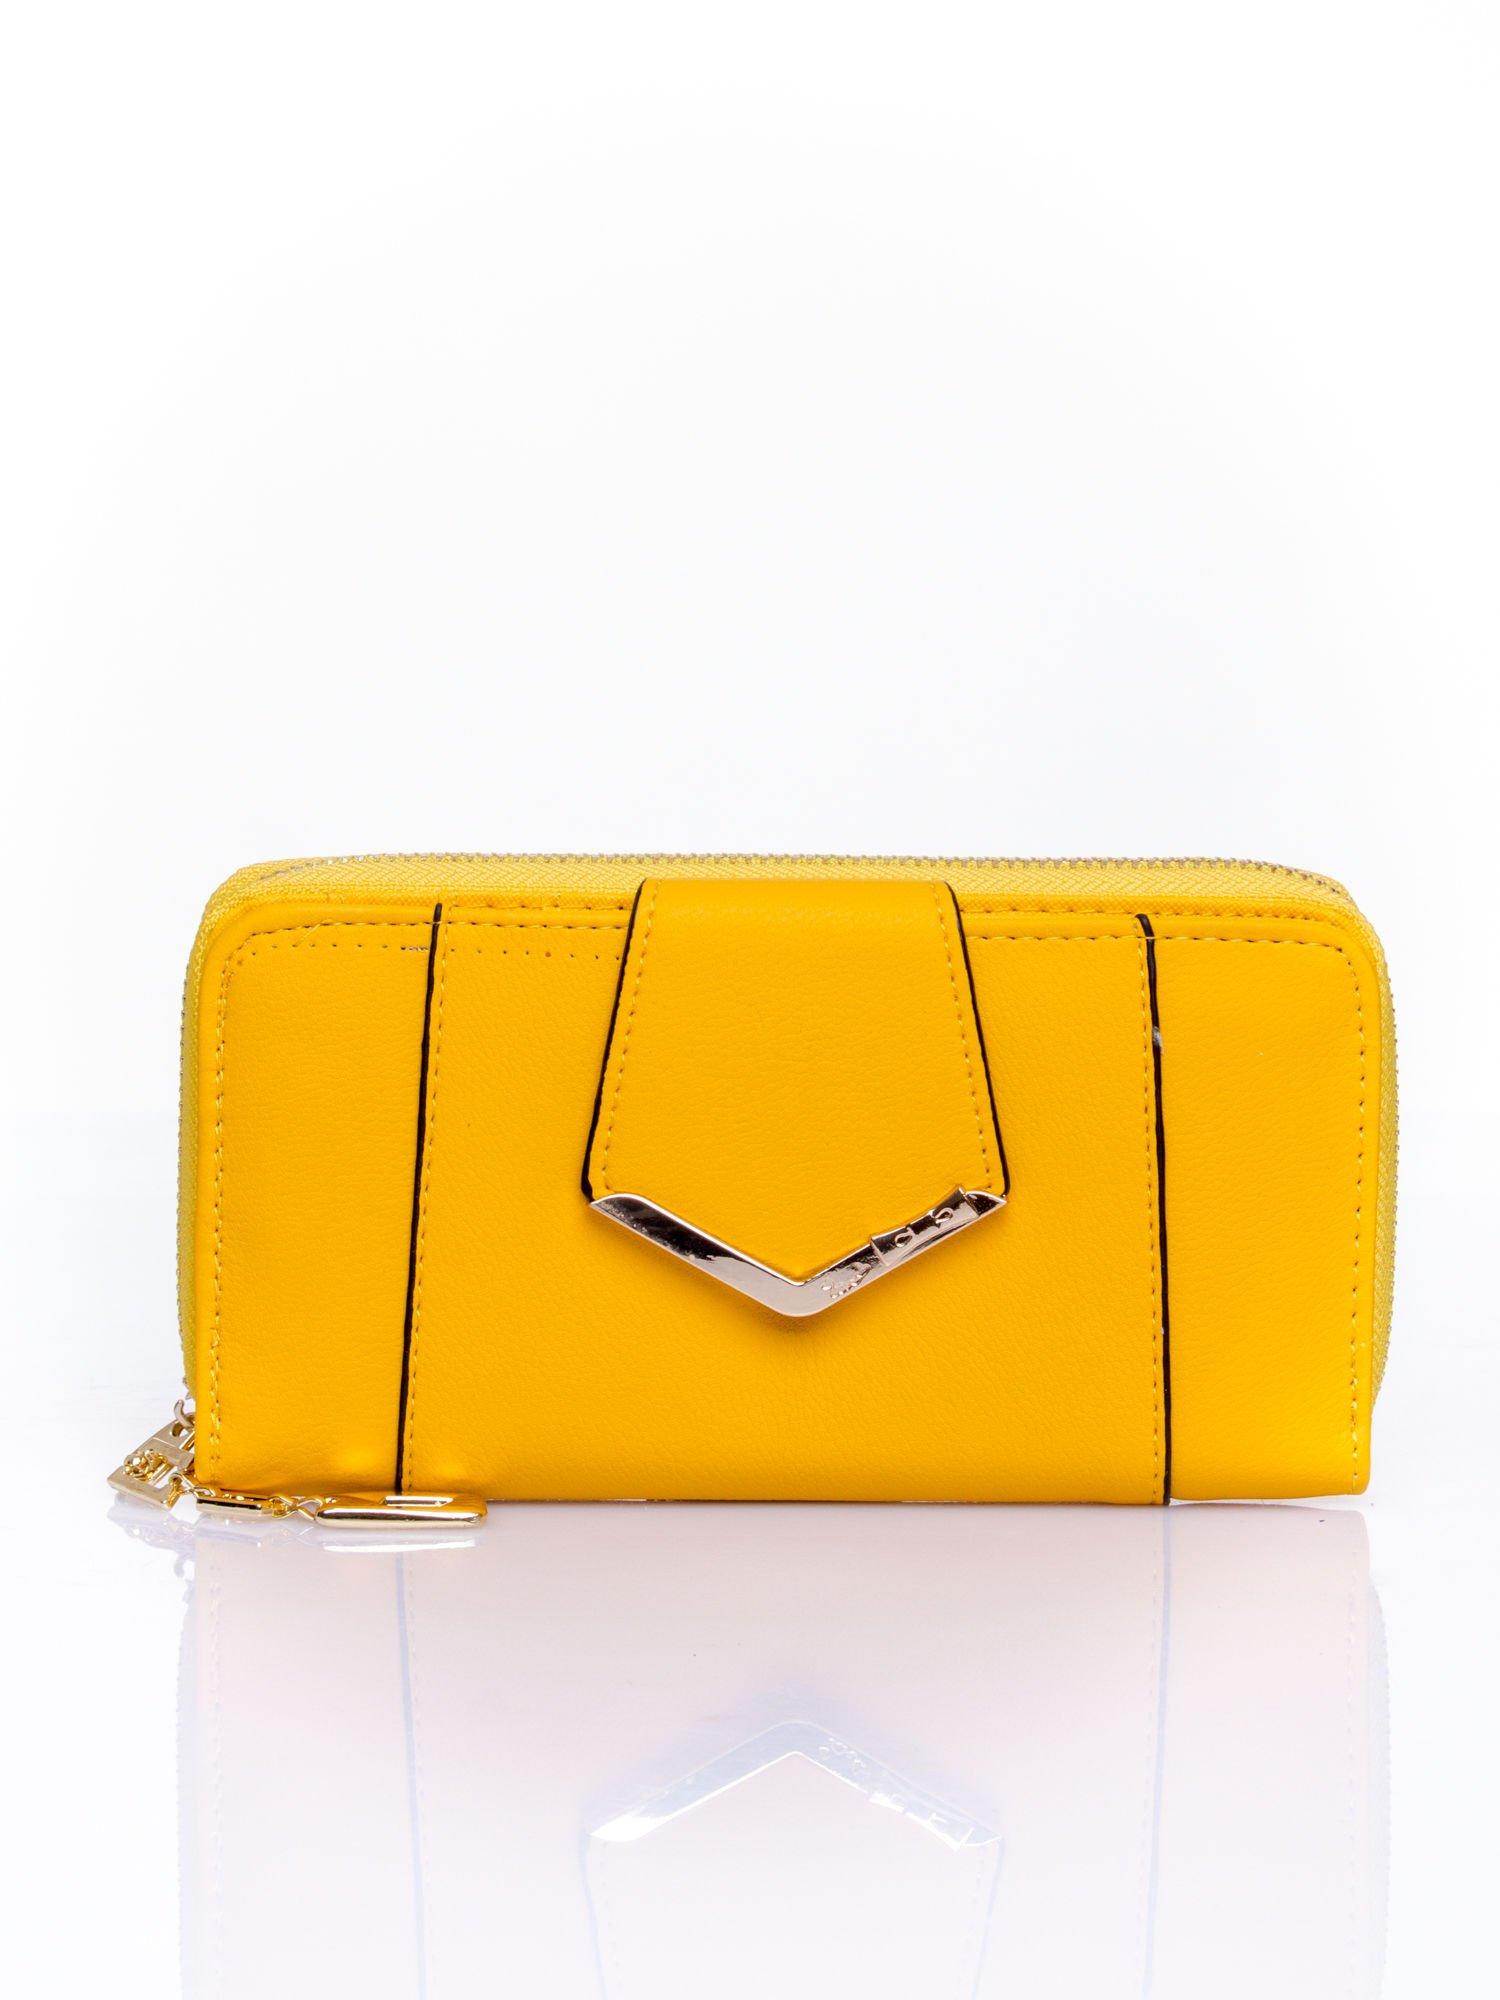 Żółty portfel ze złoconą klamrą                                  zdj.                                  1